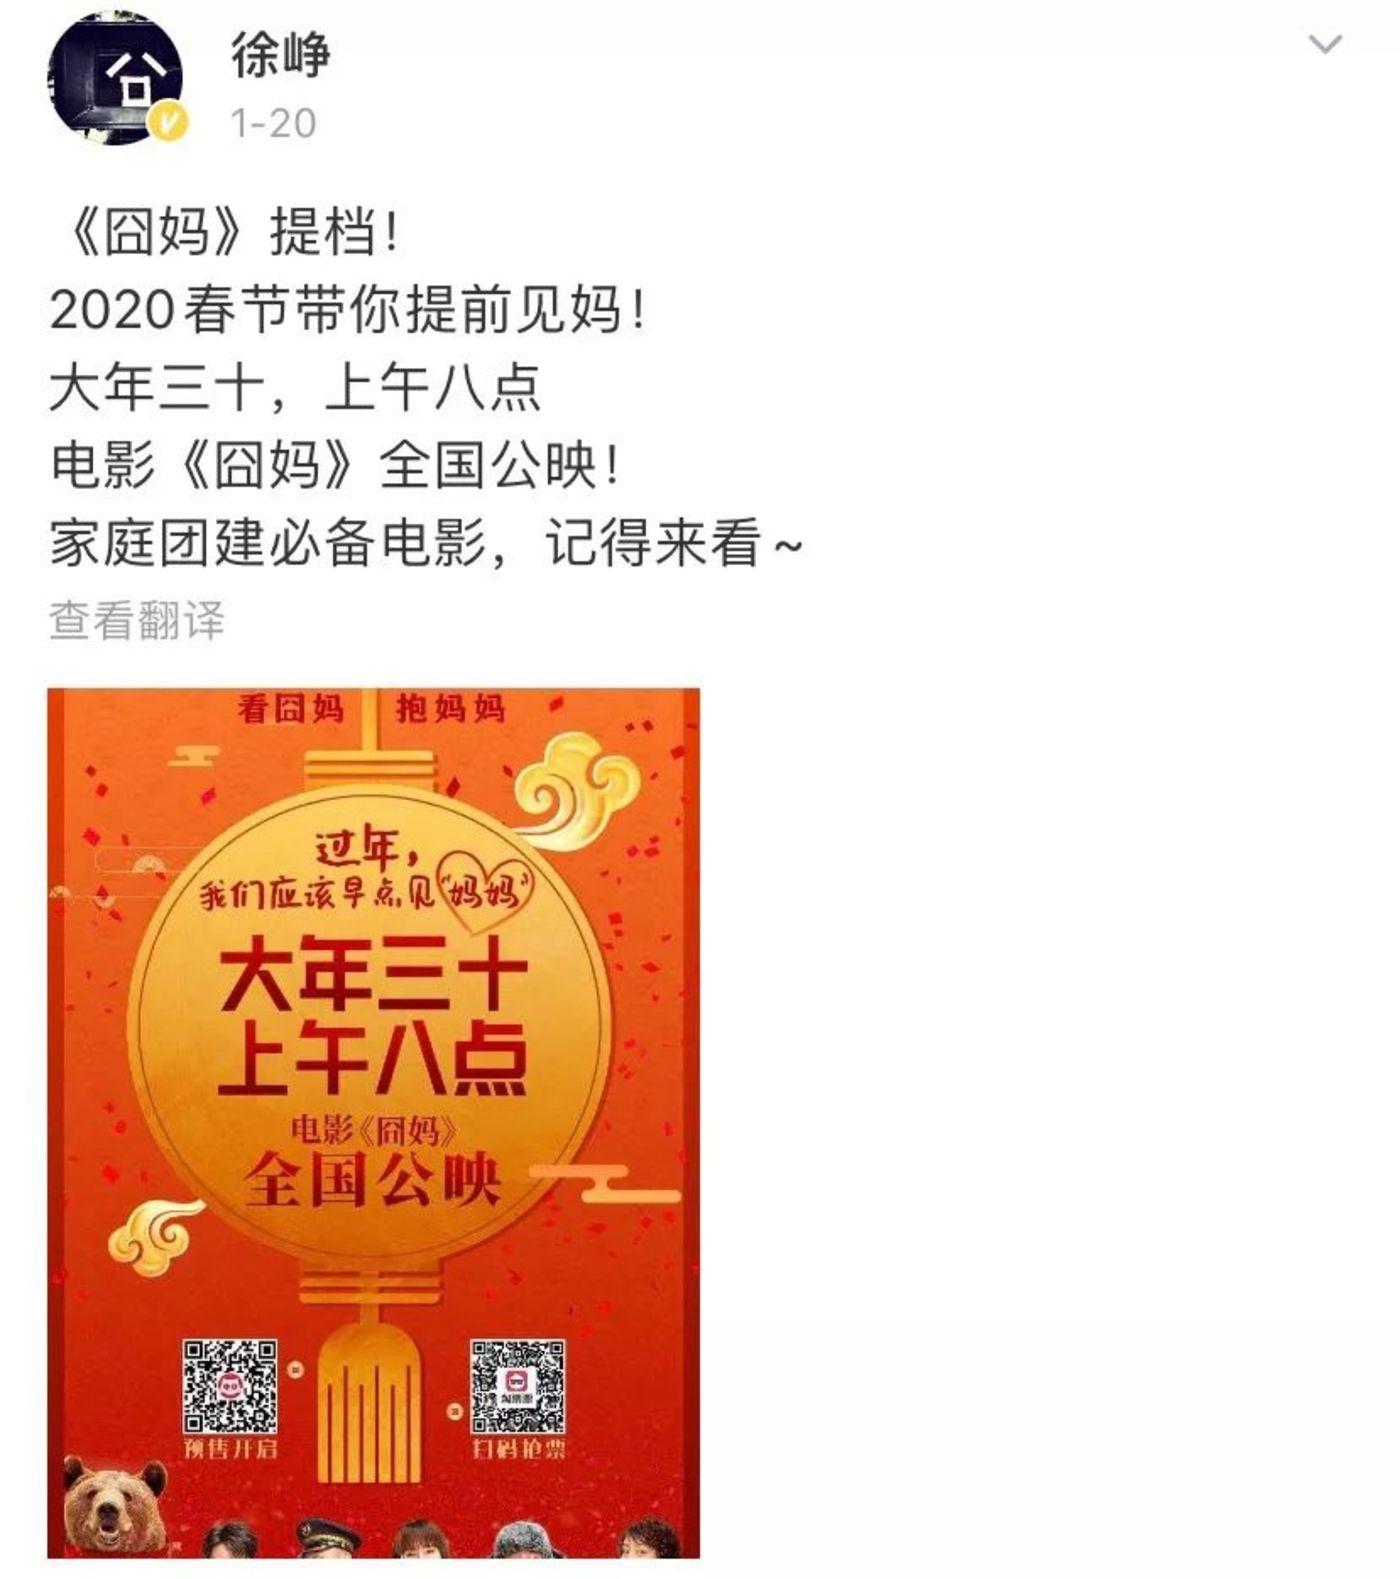 方�9an9c`yi)�d#y��_电影行业下游会如何抵制徐峥与欢喜传媒? 徐峥 欢喜__